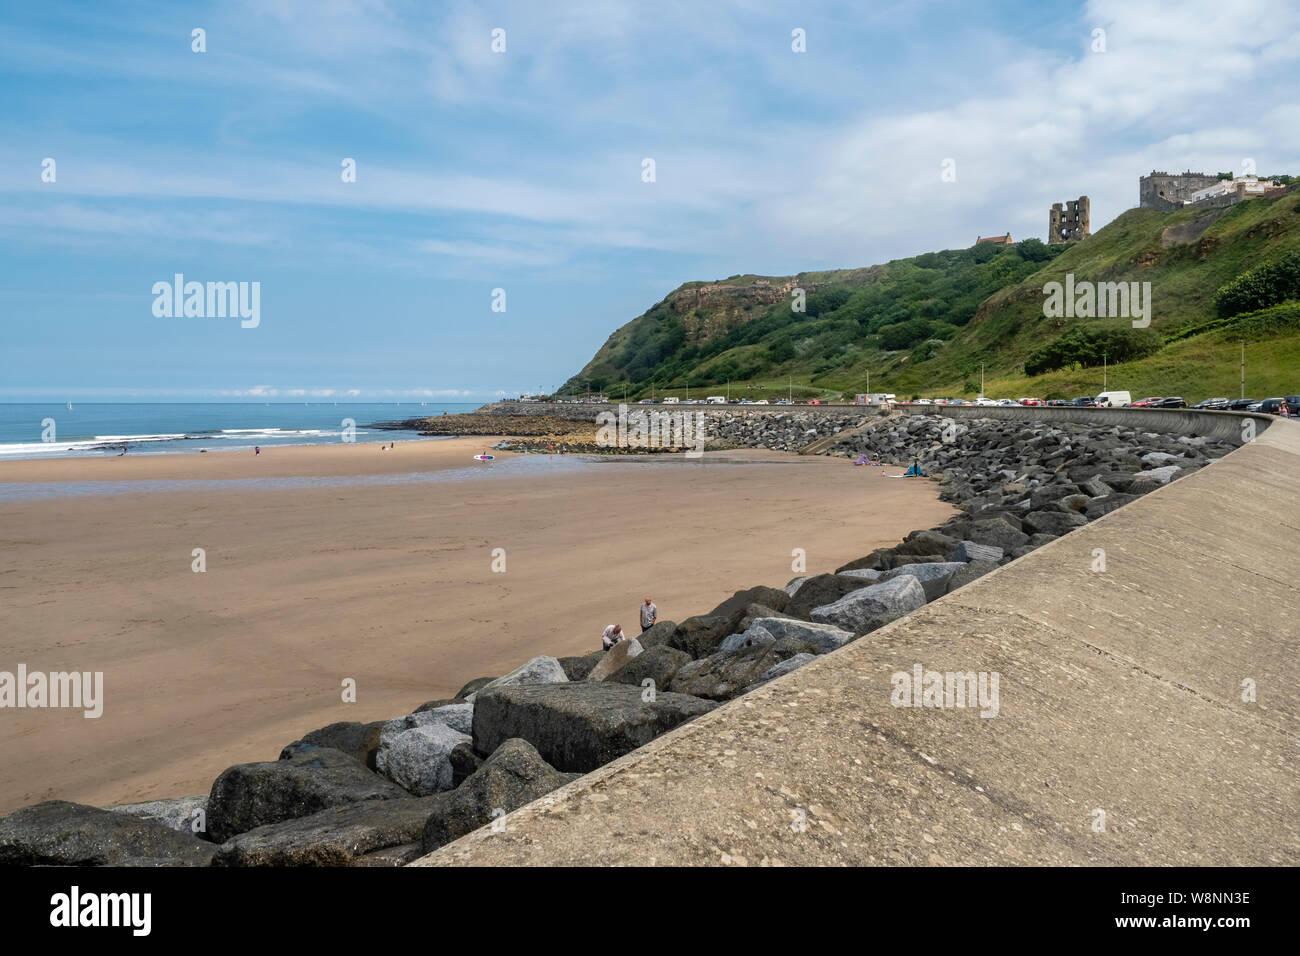 03/08/2019, Scarborough, North Yorkshire, Reino Unido las personas en Scarborough Beach disfrutando un día en thbe seaside en un caluroso día de verano de agosto Foto de stock